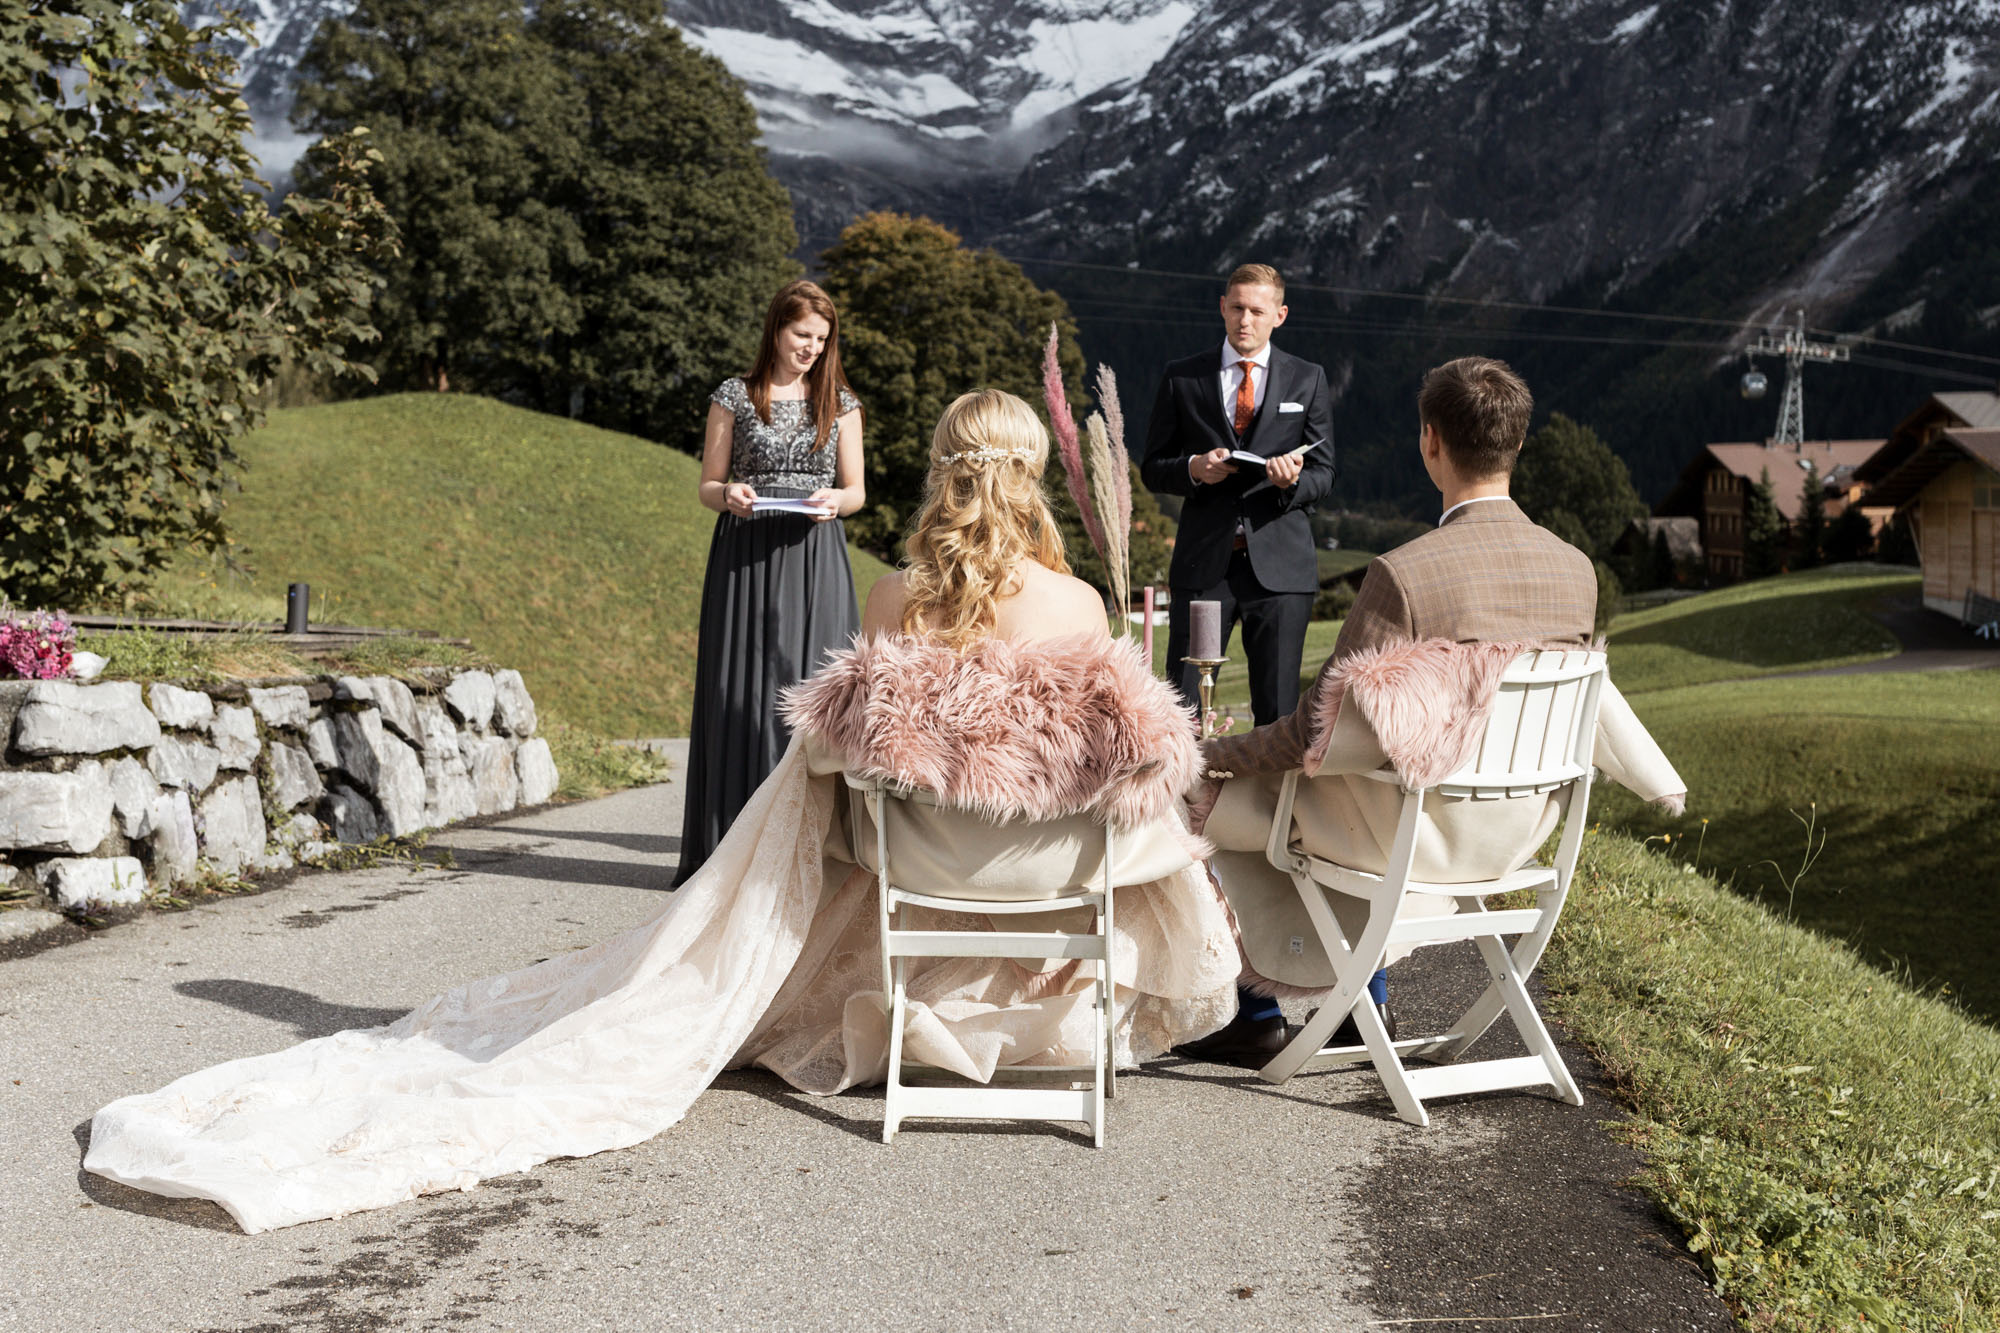 Freie Trauung in Grindelwald - Hochzeitsfotograf Nicole.Gallery Basel